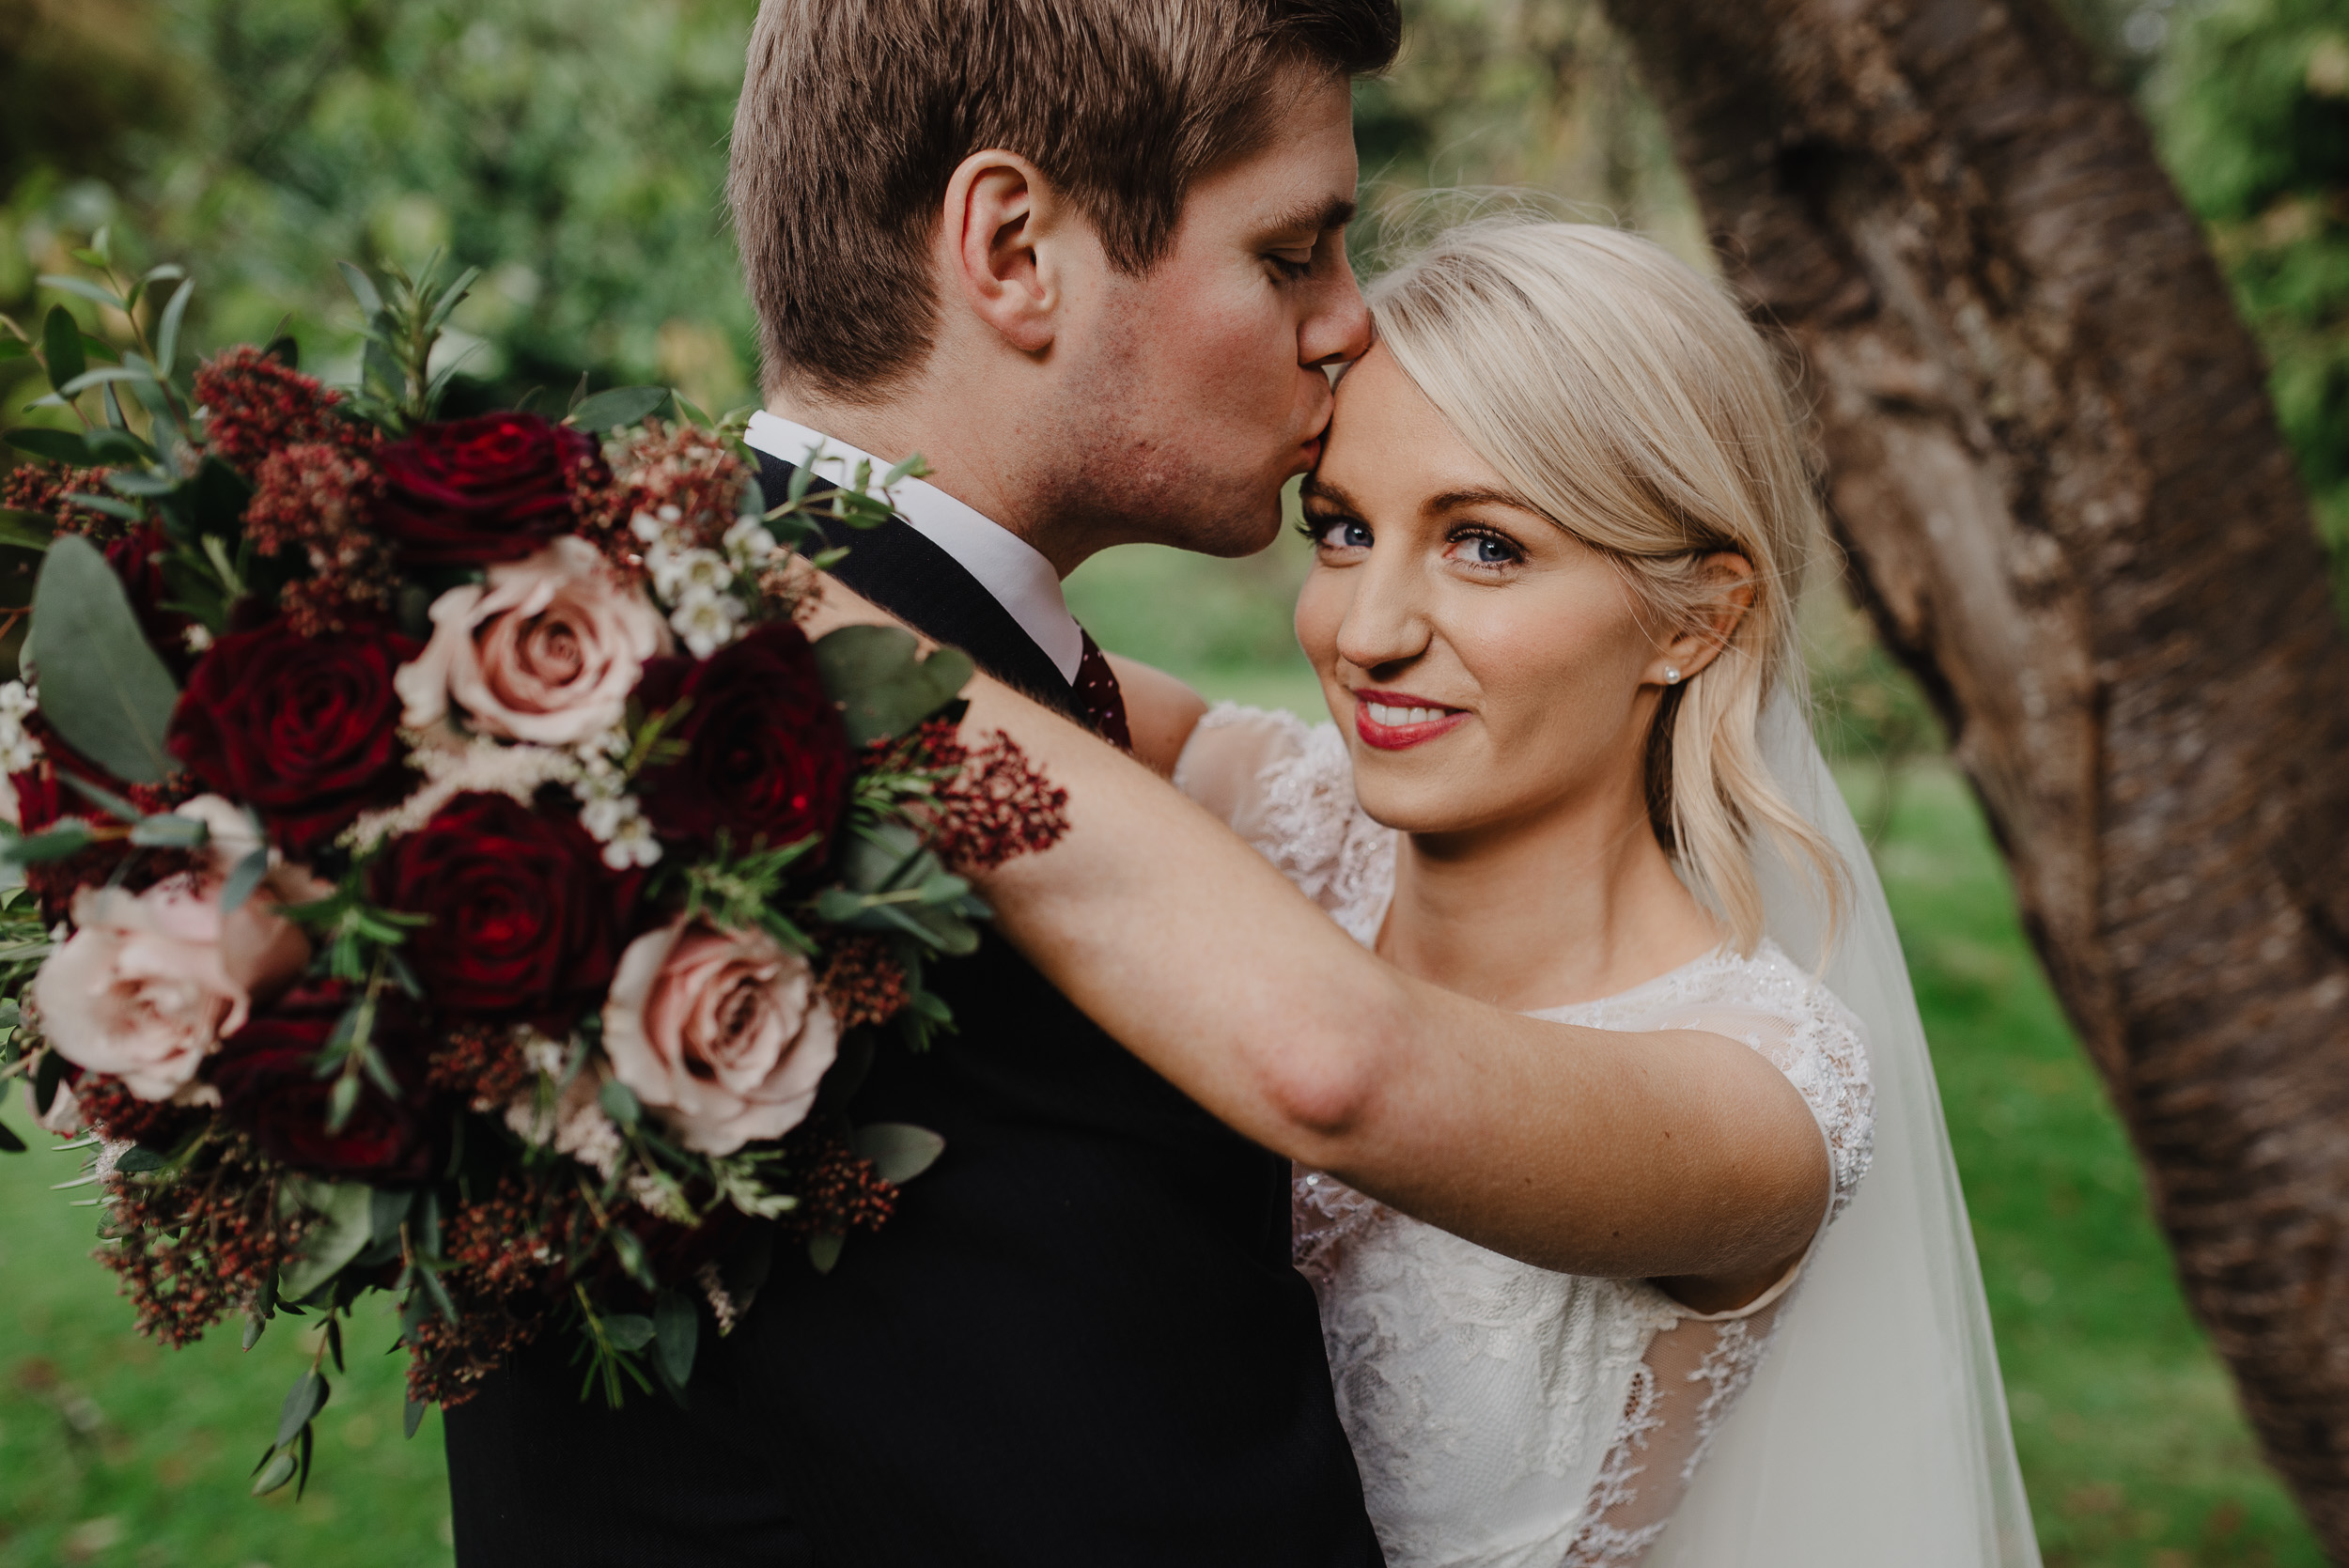 wedding photogaphy peter mackey 2018 meg-12.jpg